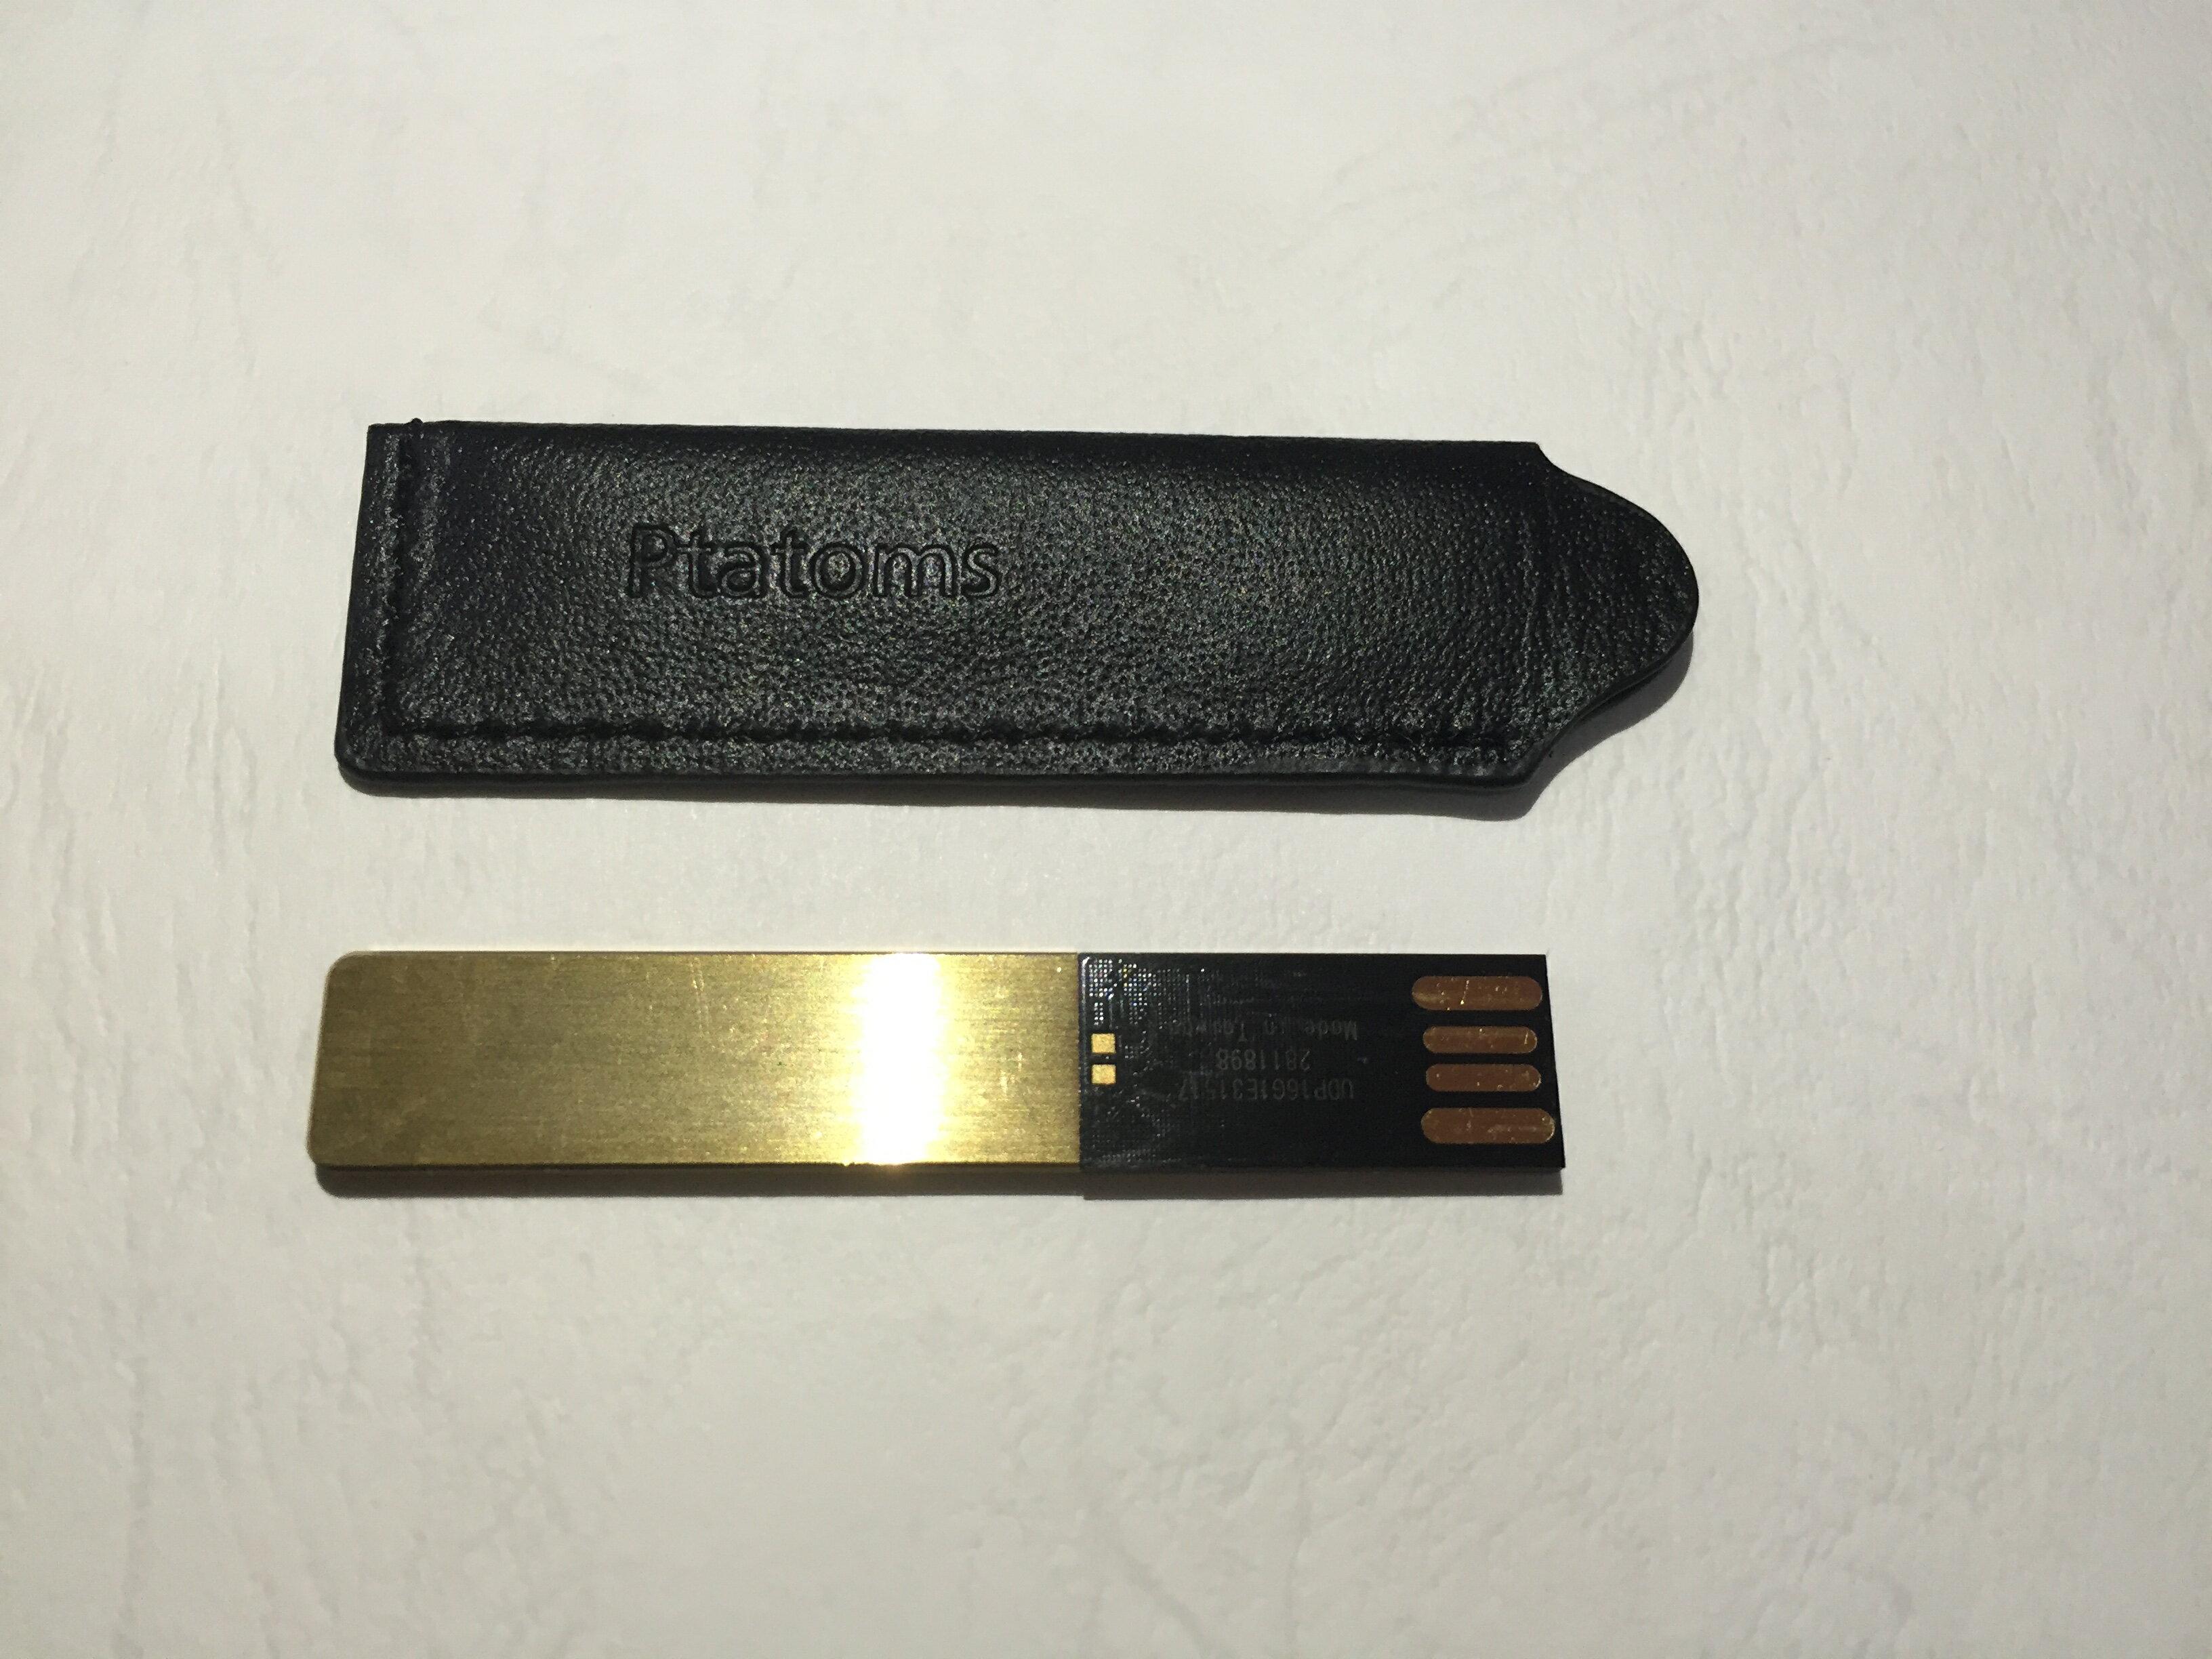 ELK-PTATOMS高品質金色USB隨身碟精美禮盒組16G(付黑色質感皮套) 1